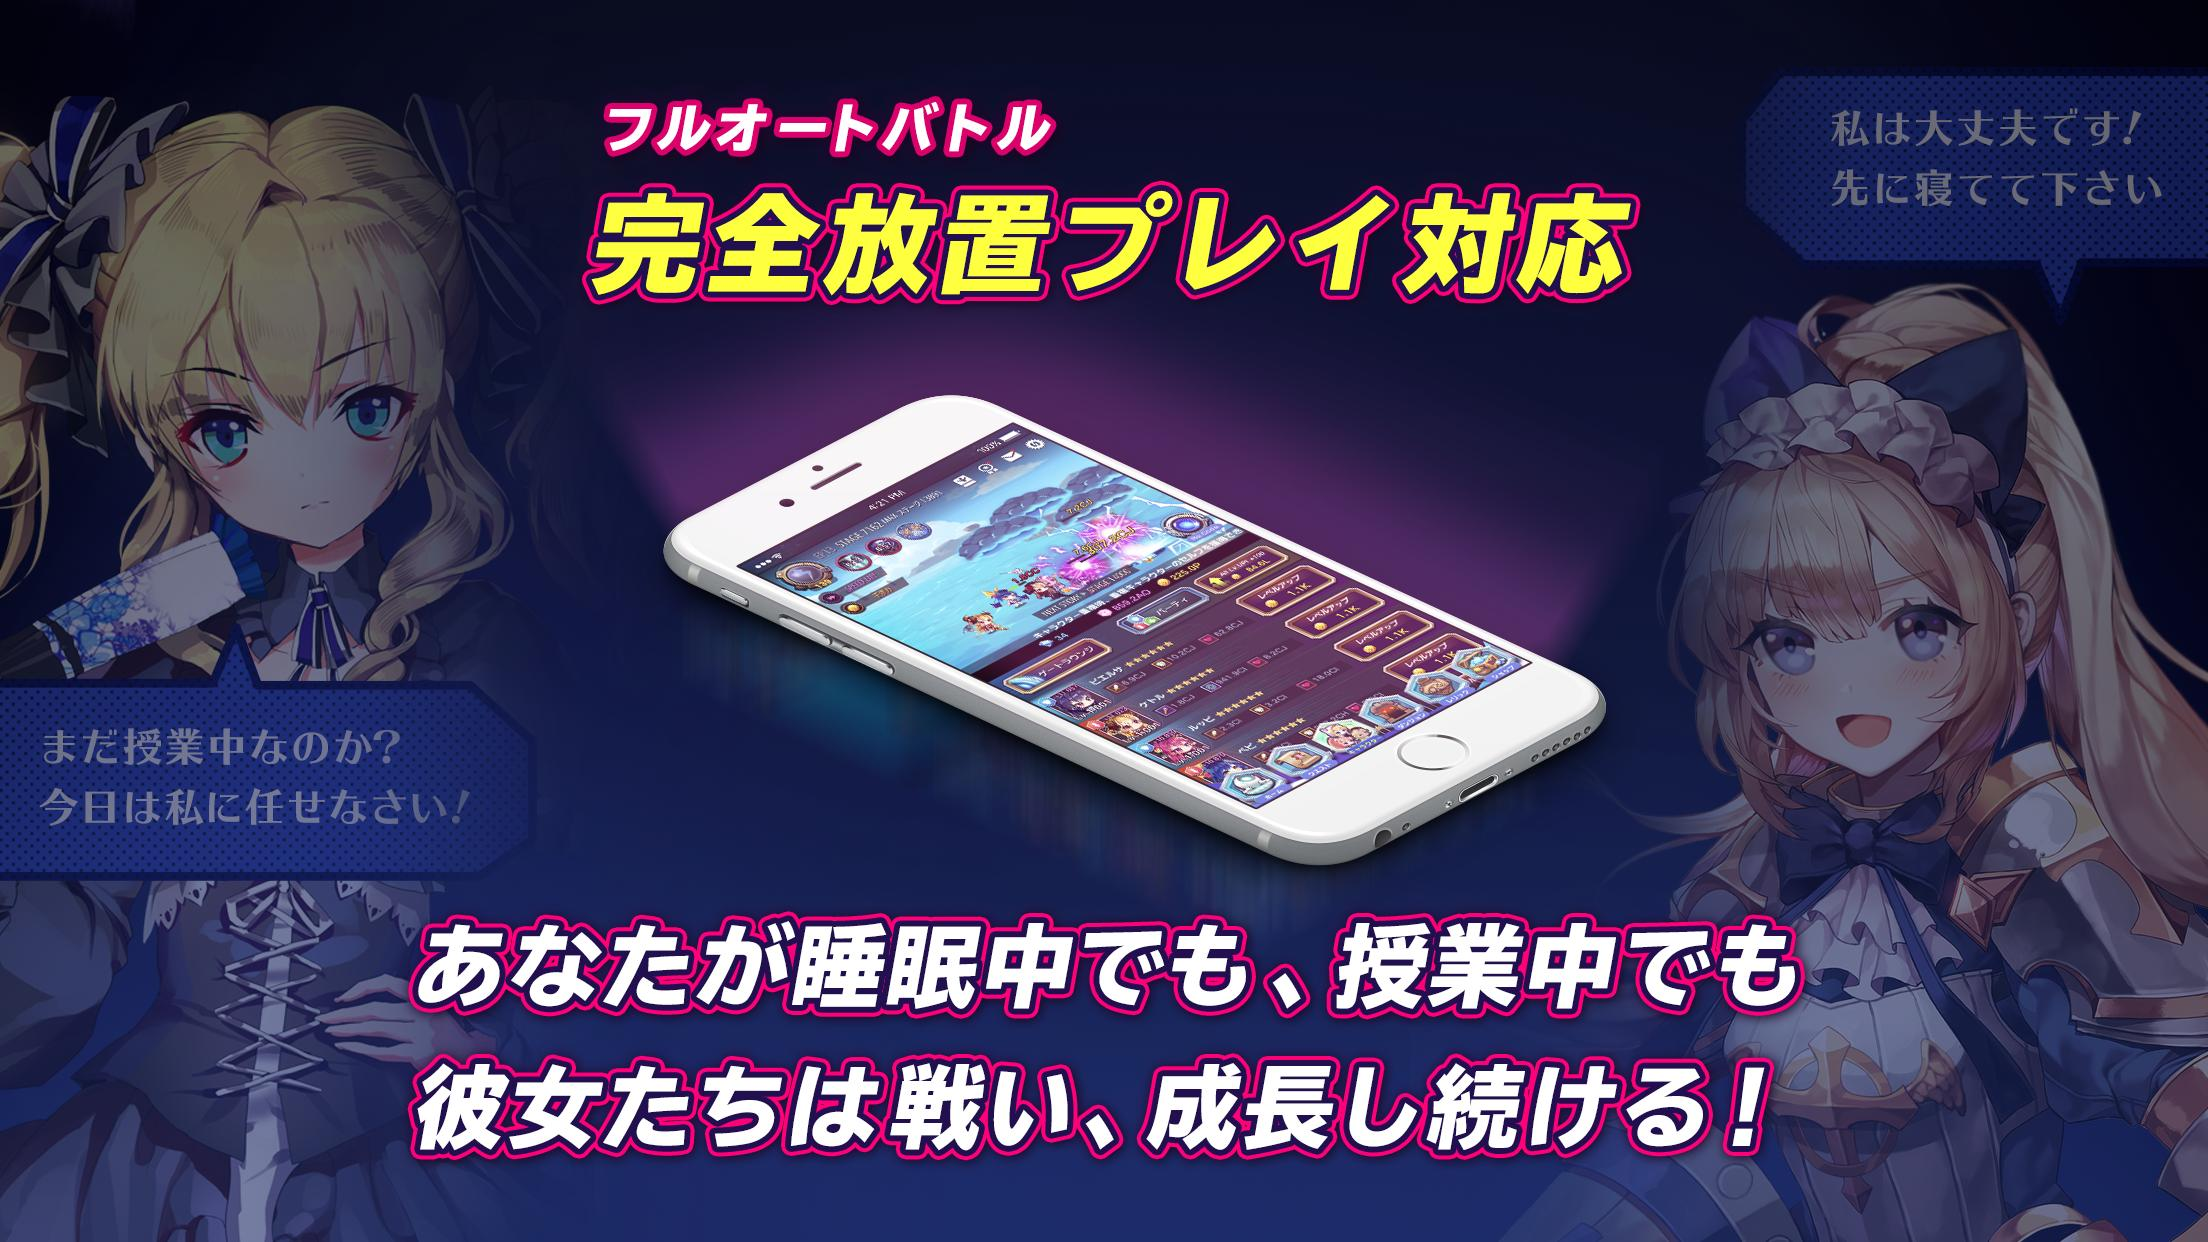 メリーガーランド 放置 美少女 RPG ゲーム 【放置、育成で楽しめる美少女達との無限の物語】 1.42.0 Screenshot 14